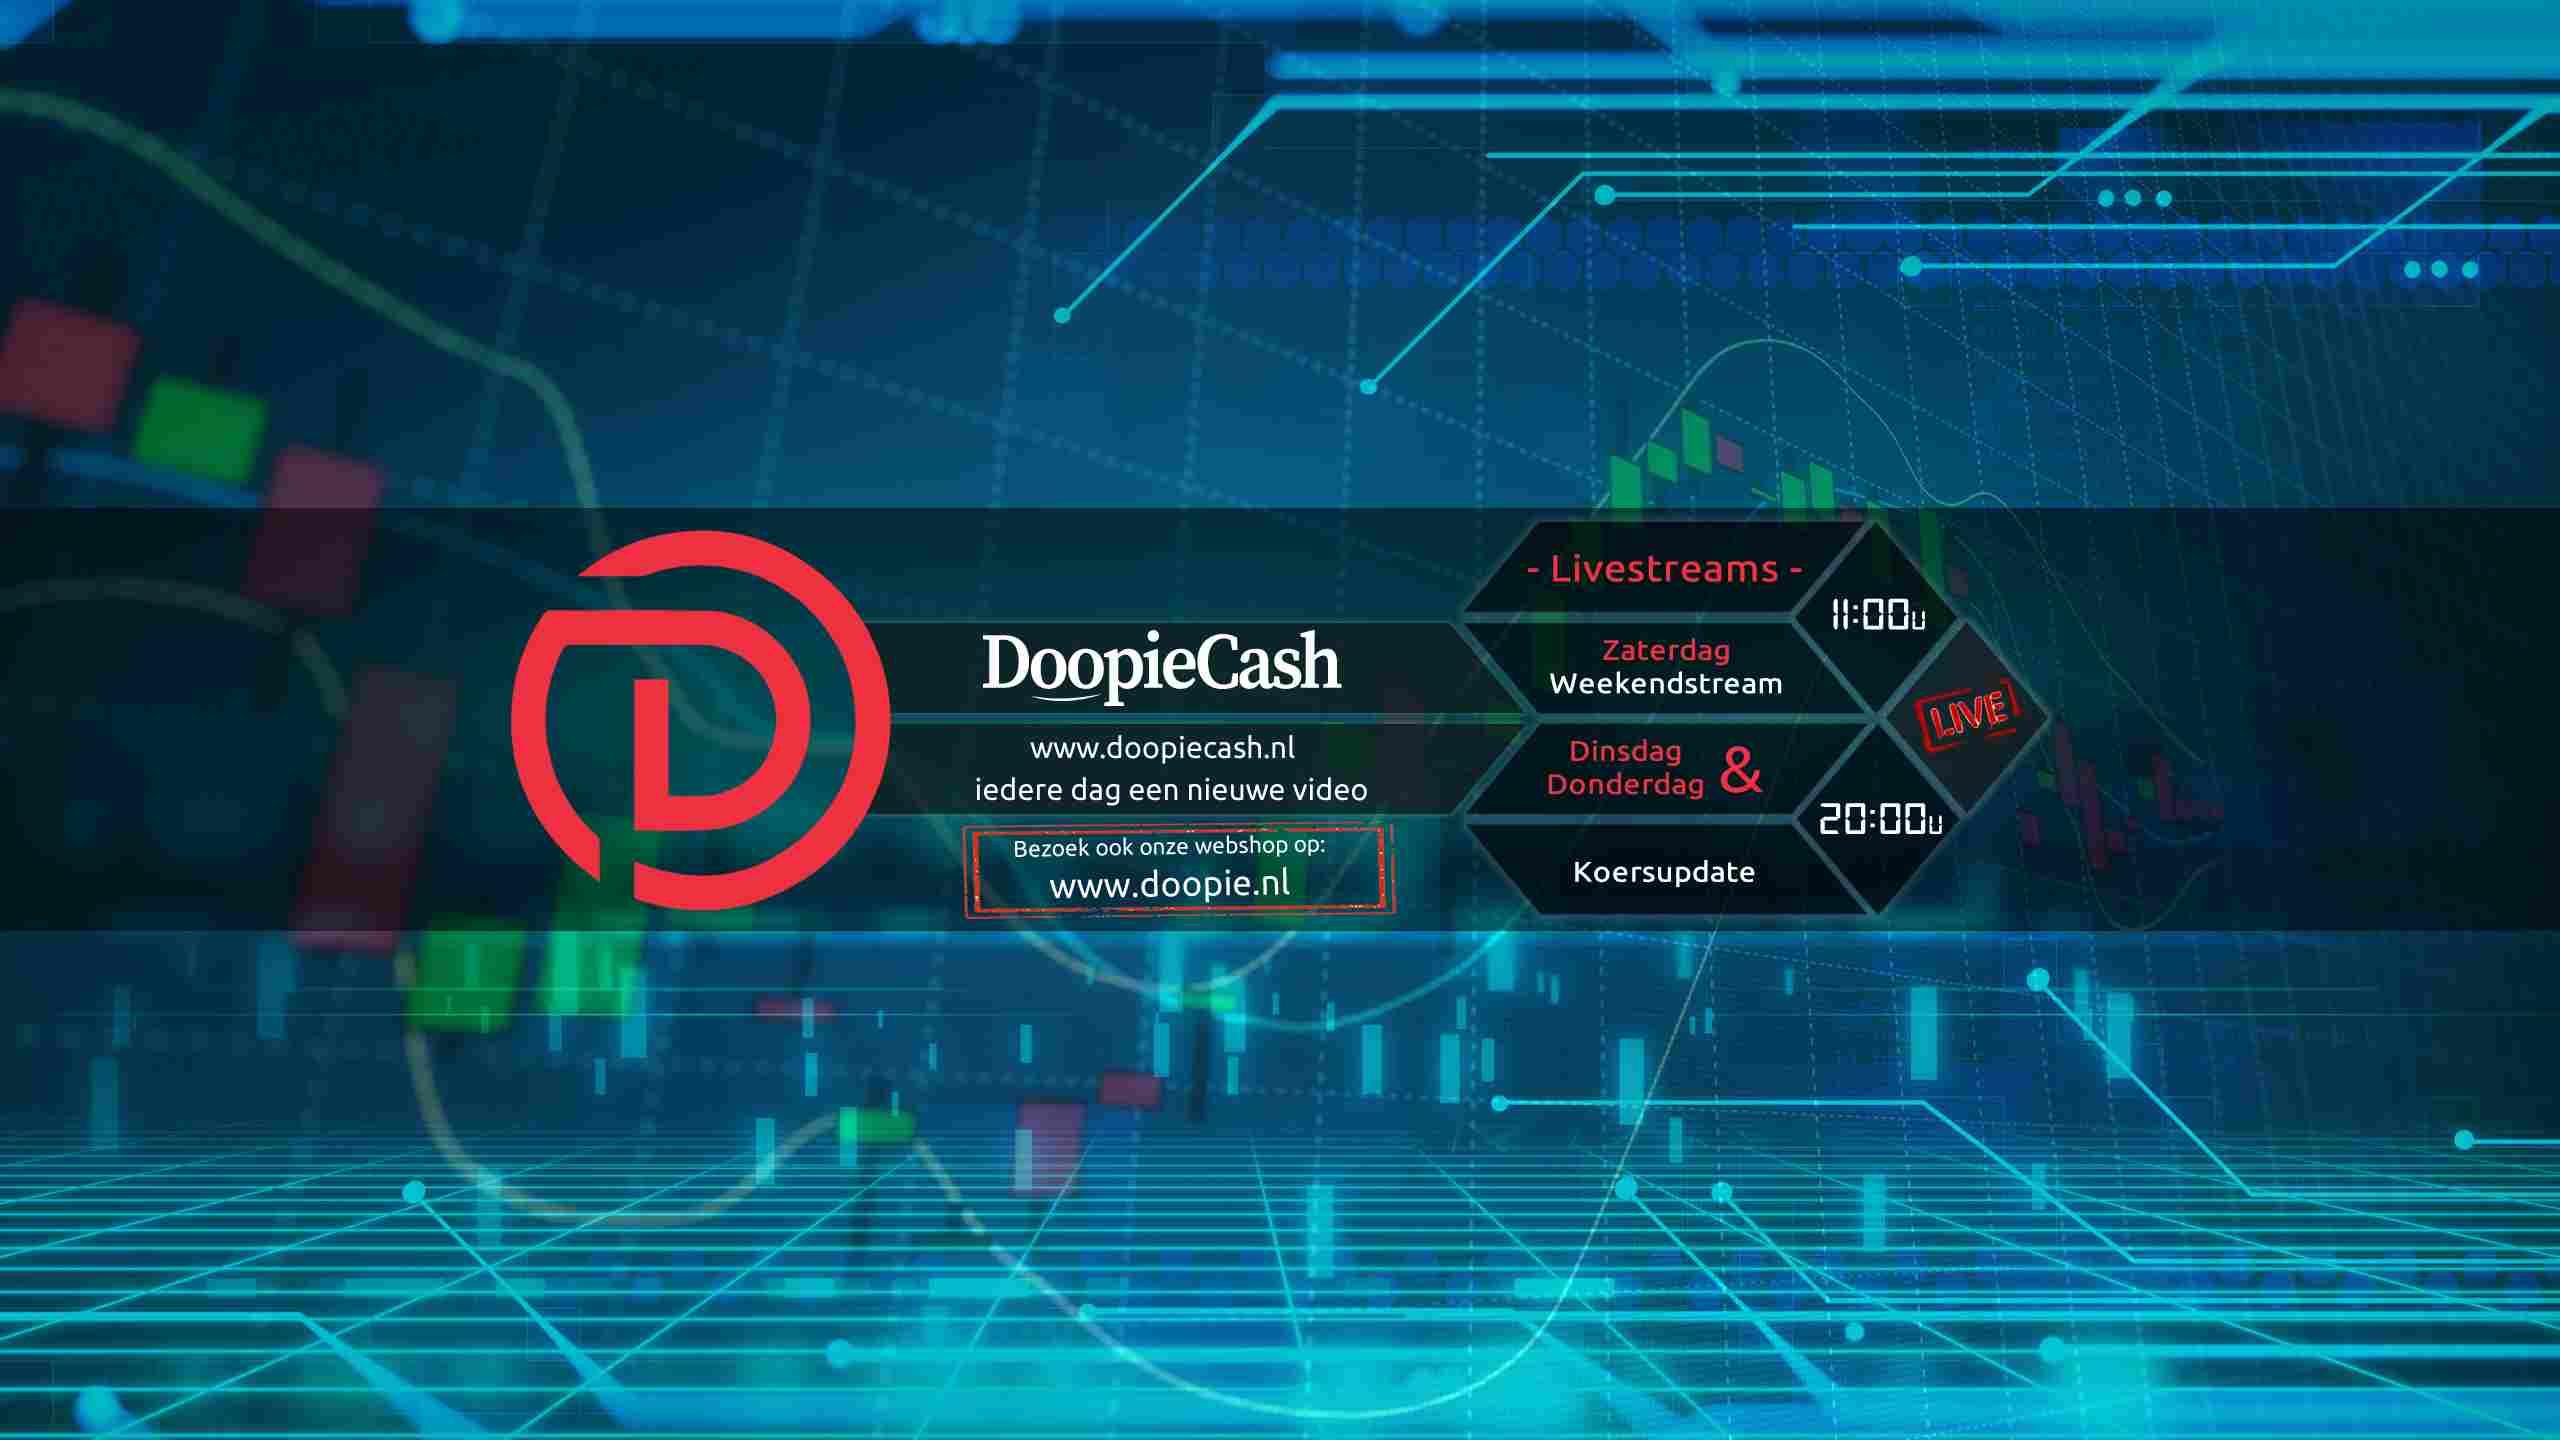 DoopieCash: Einde van de bullmarkt?